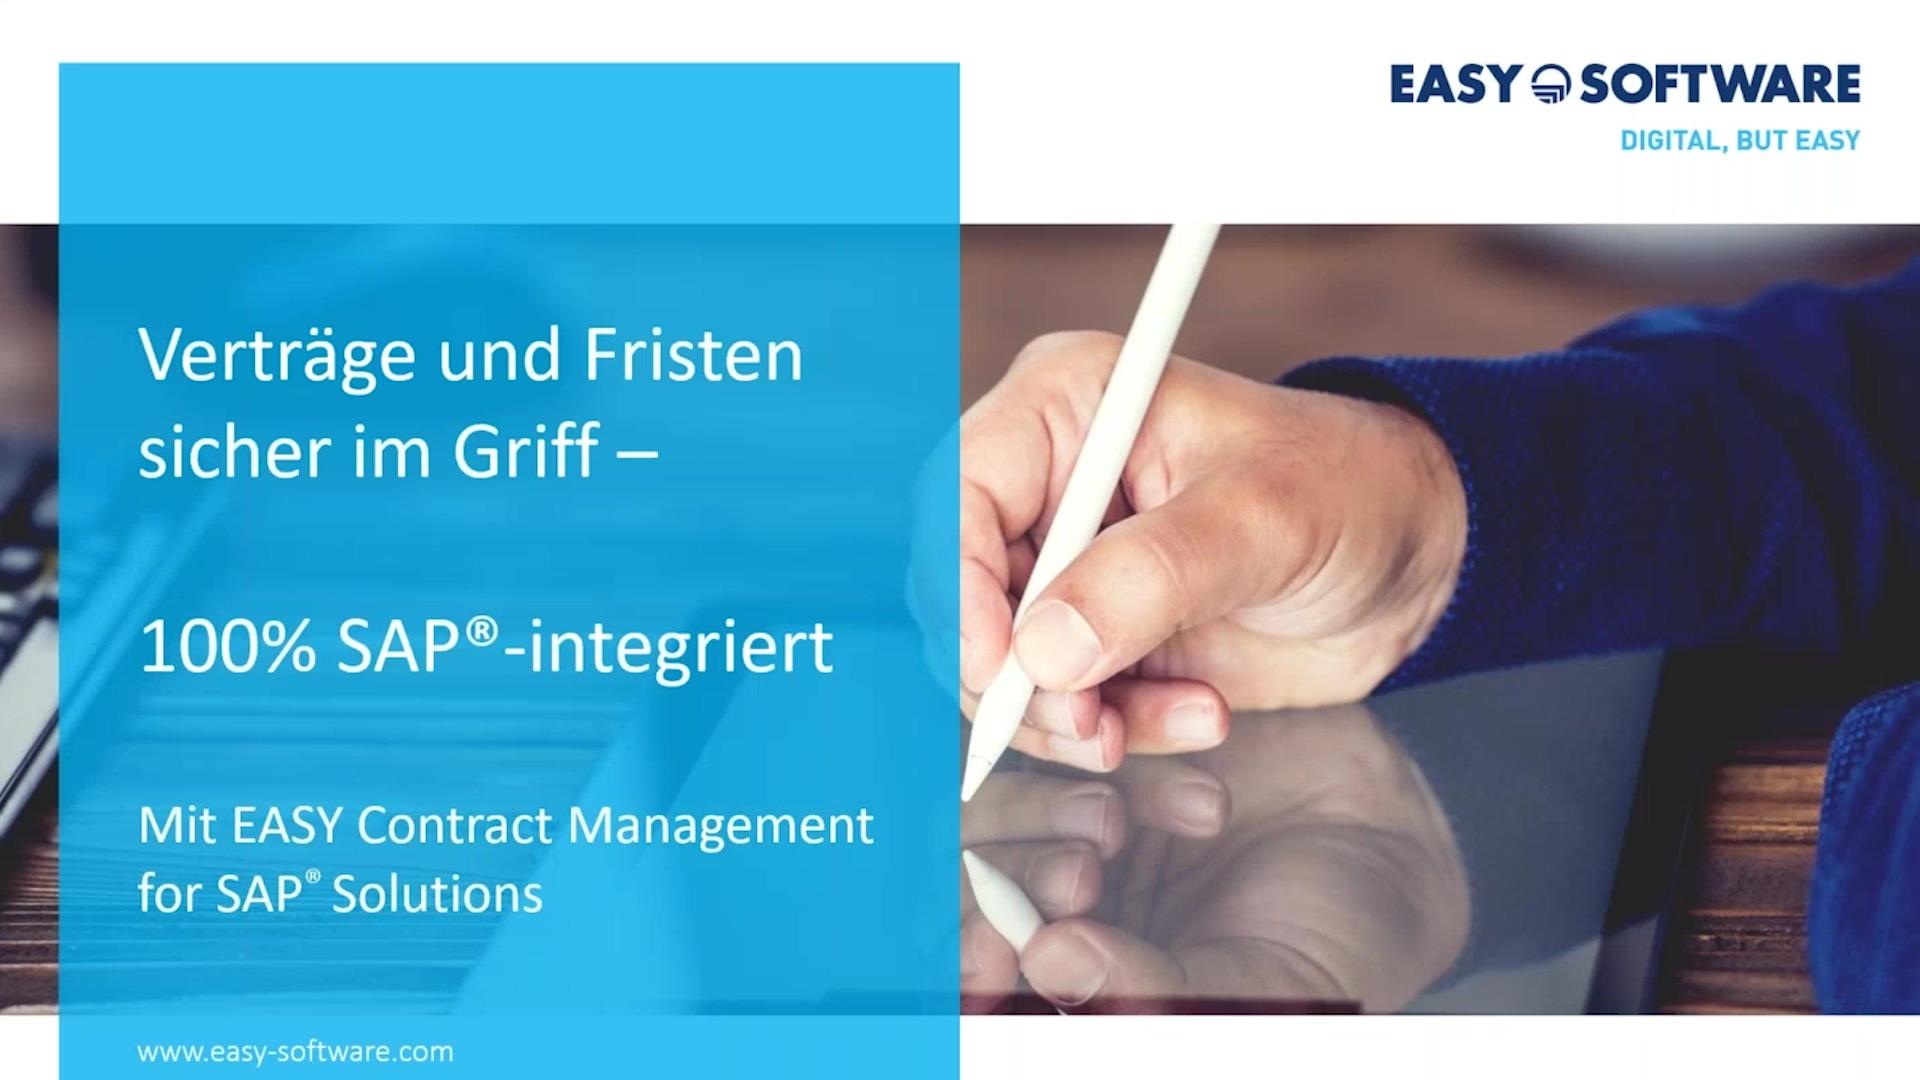 Webinar_Vertraege_und_Fristen_sicher_im_Griff_mit_EASY_Contract_Management_ for_SAP_Solutions